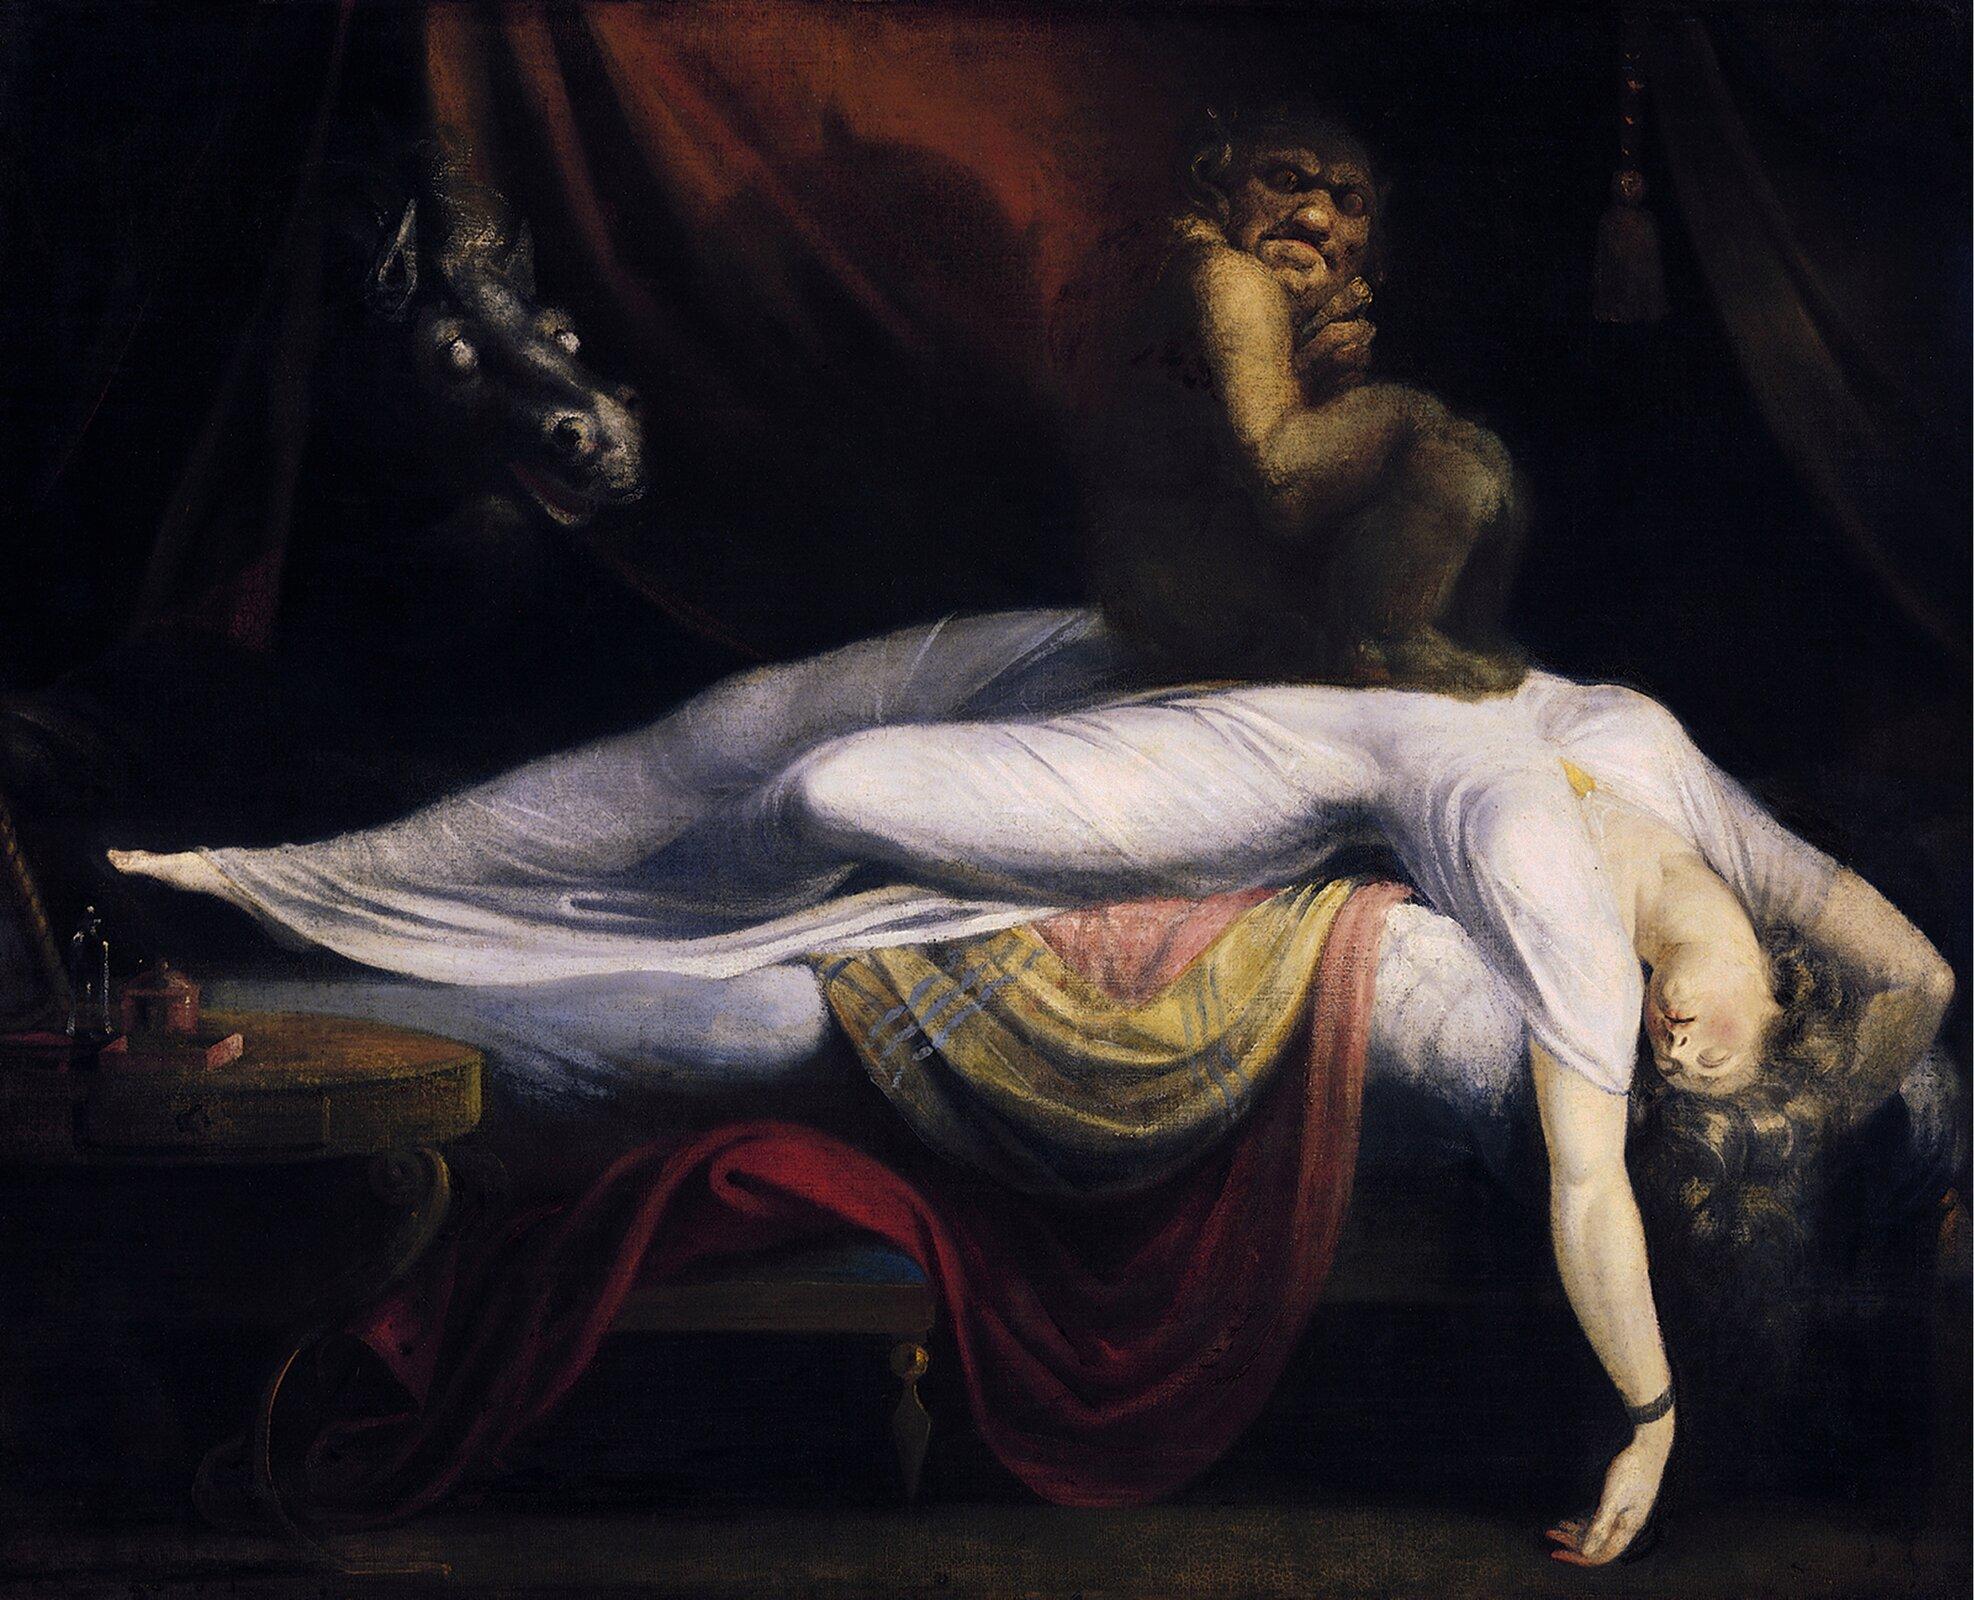 Koszmar nocny 1. Źródło: Johann Heinrich Füssli, Koszmar nocny, 1781, olej na płótnie, Institute of Fine Arts, Detroit, domena publiczna.